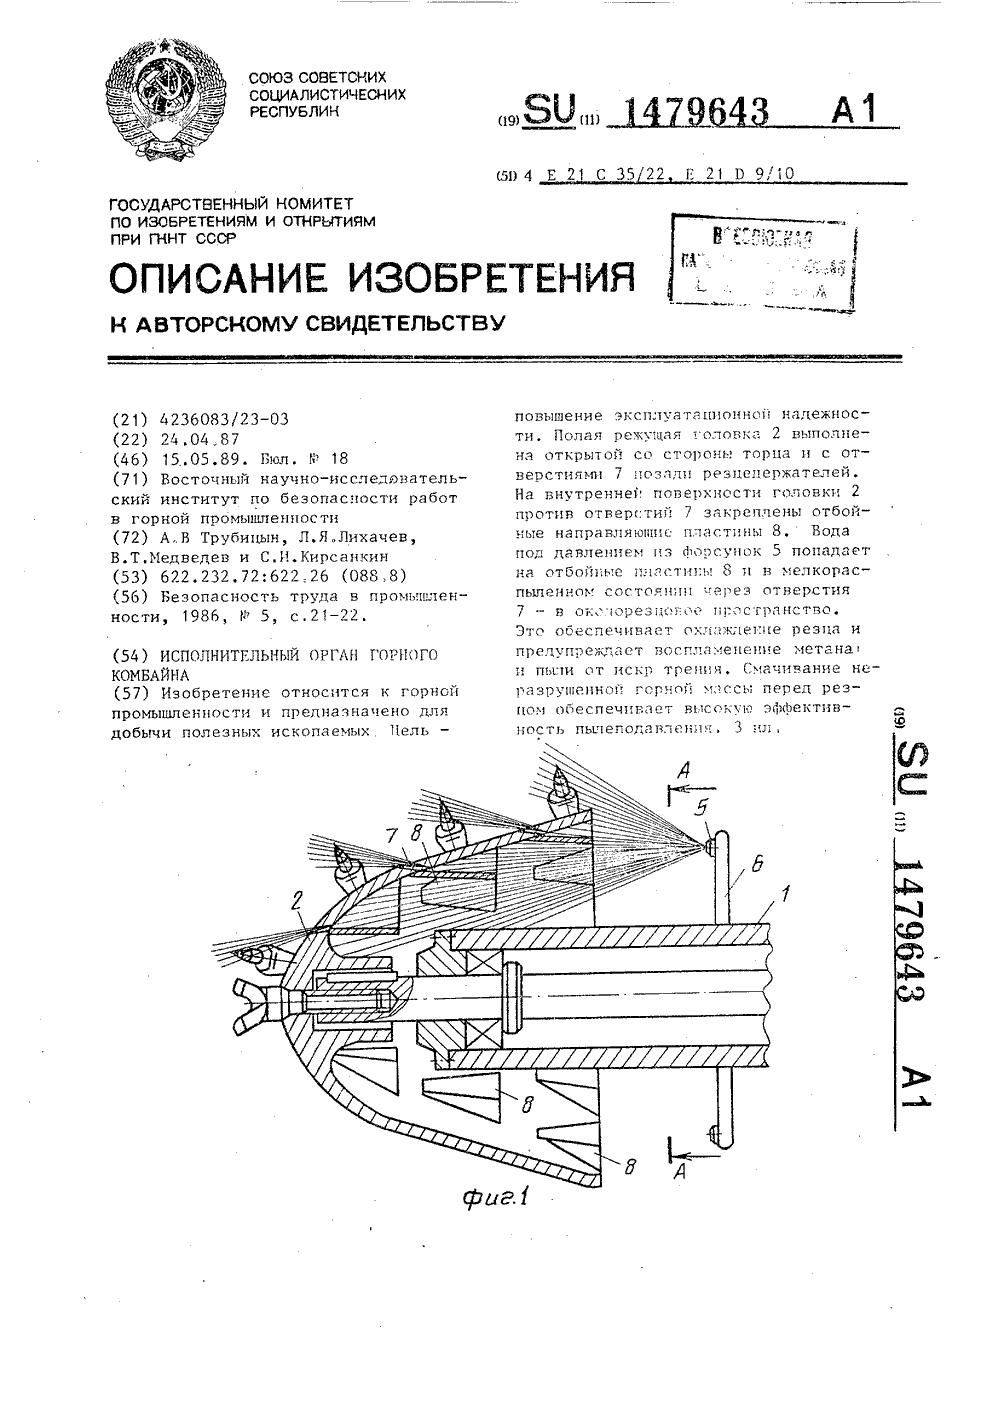 гидравлическая схема очистного комбайна рку 13